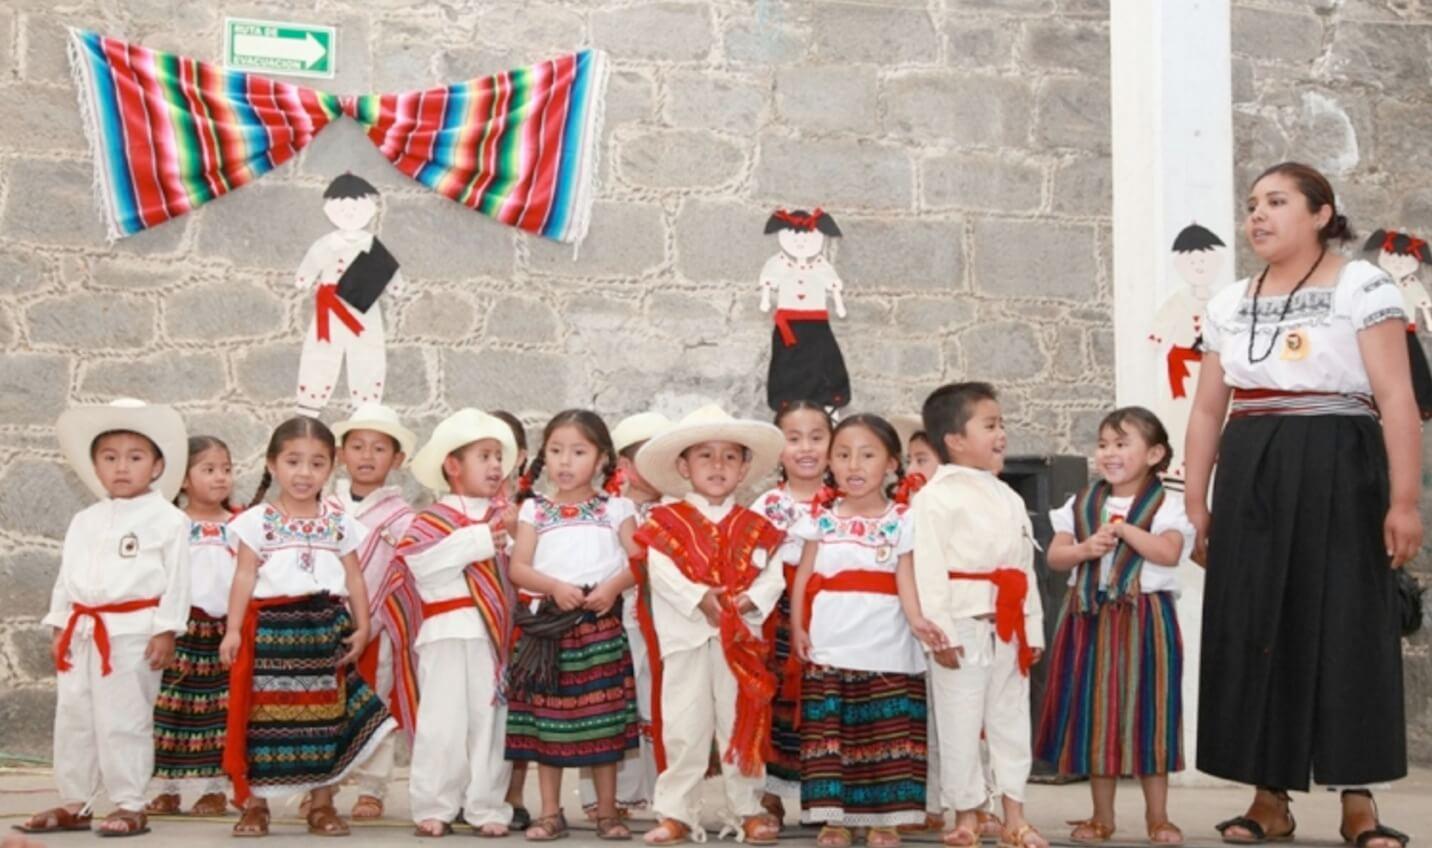 discos canciones náhuatl